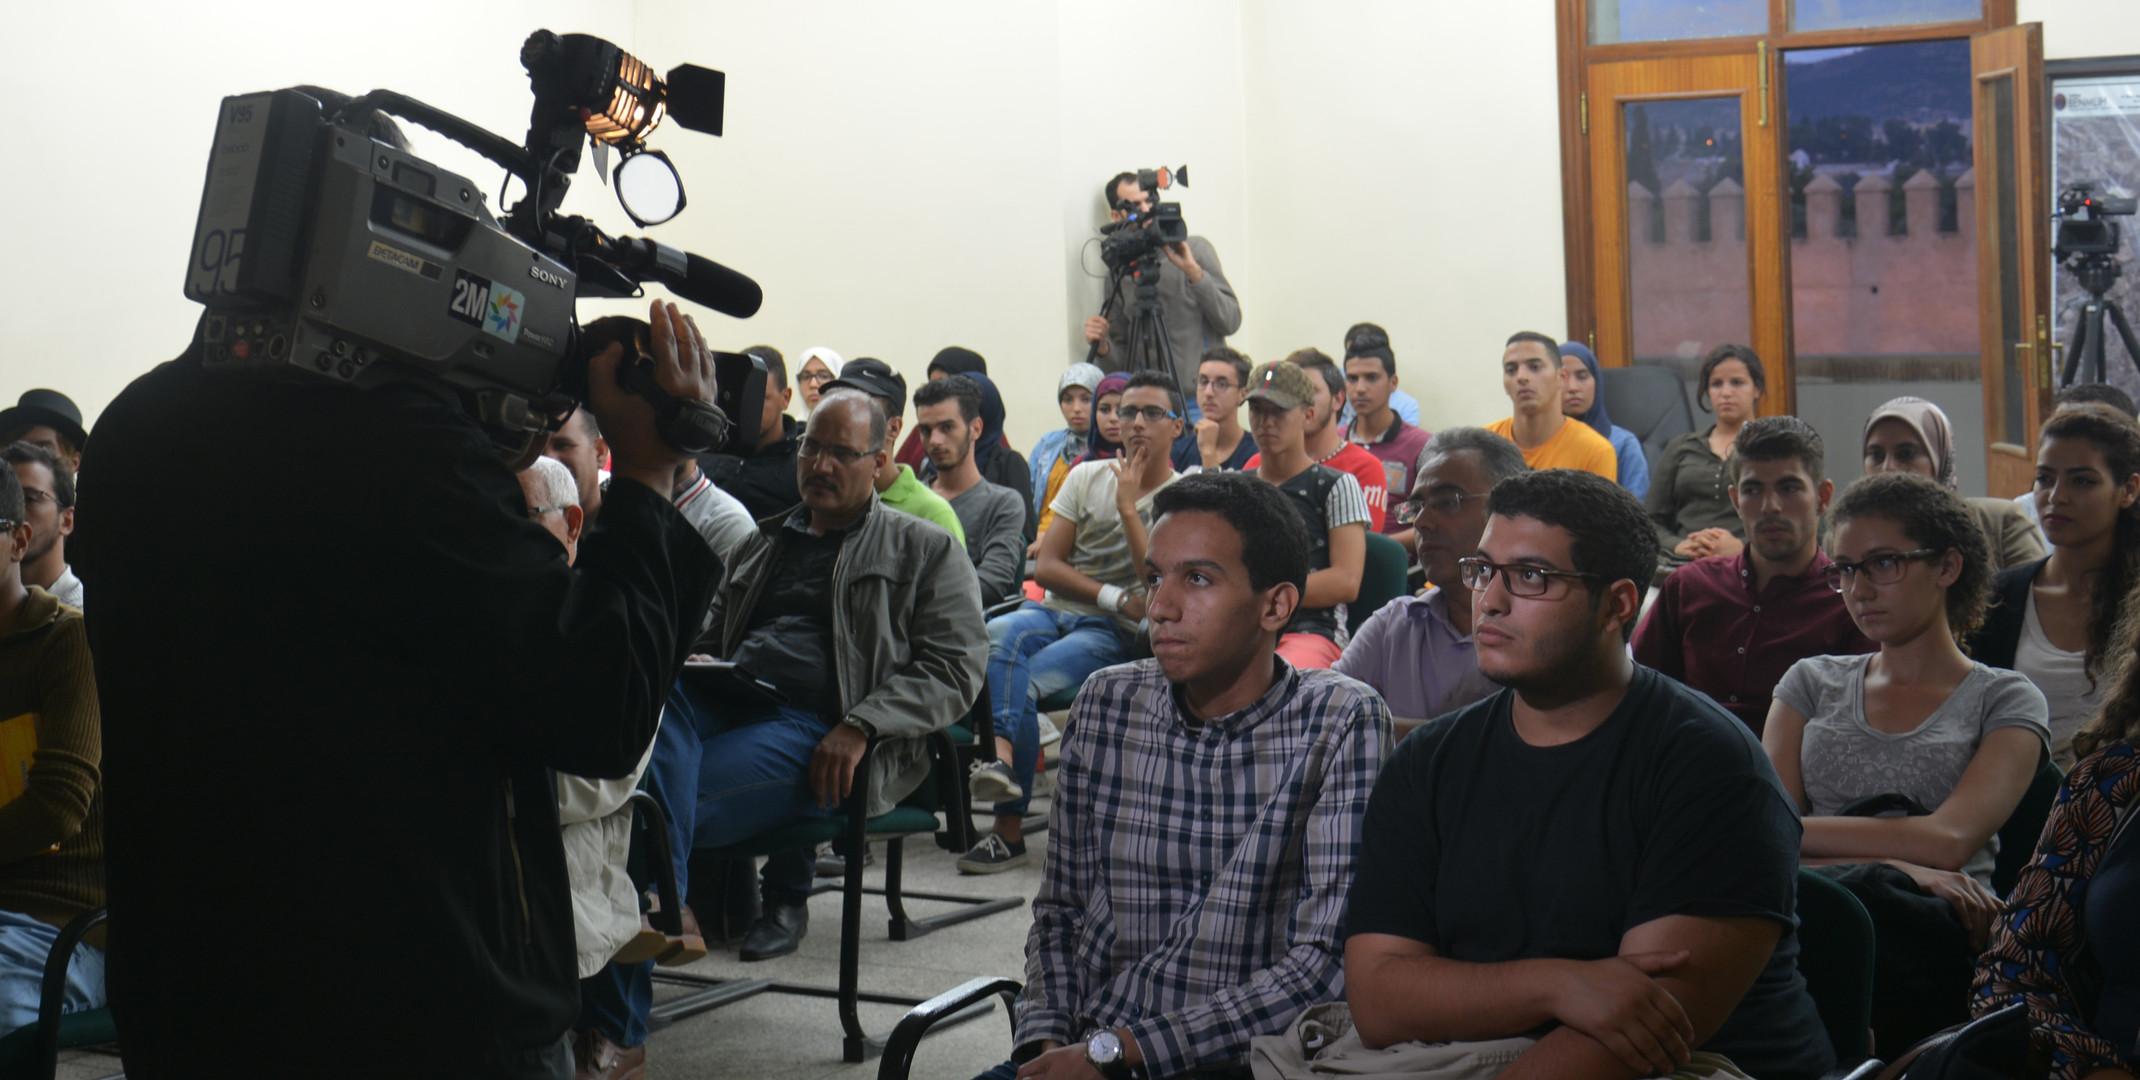 2m et aljazeera.jpg